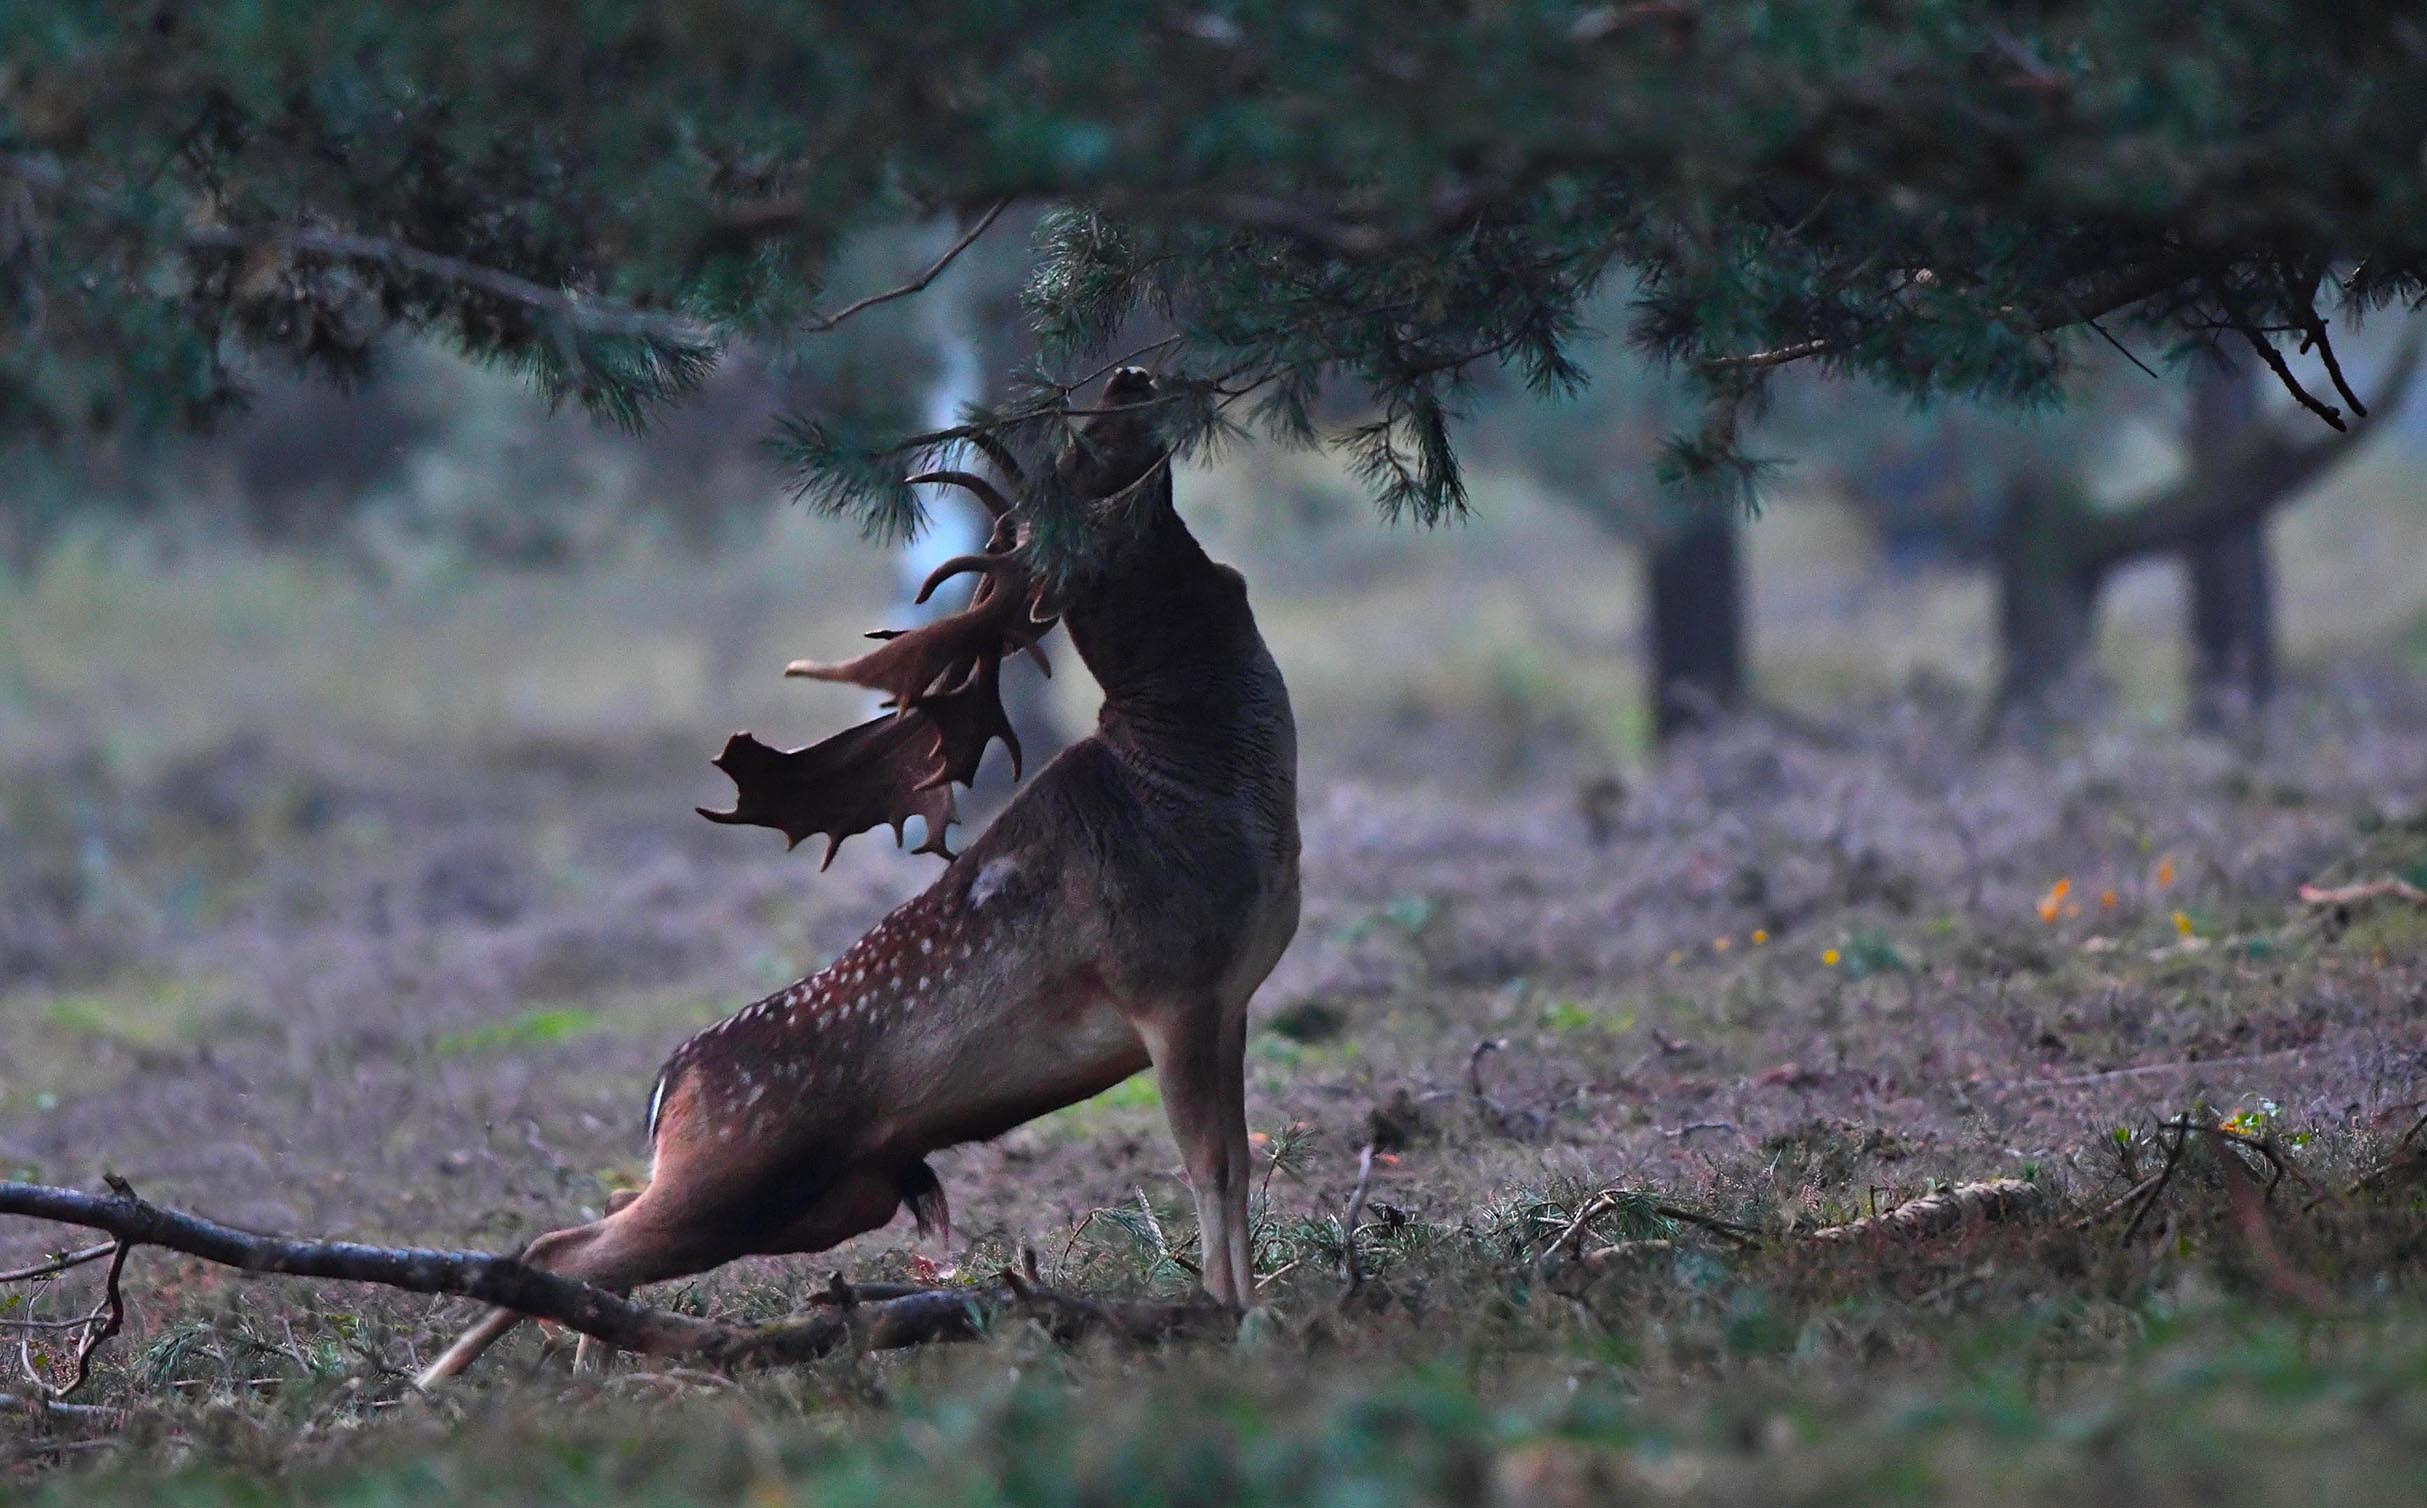 De dambok zakte door de achterpoten en nam de bekende 'bronsthouding' aan – Foto: ©Louis Fraanje